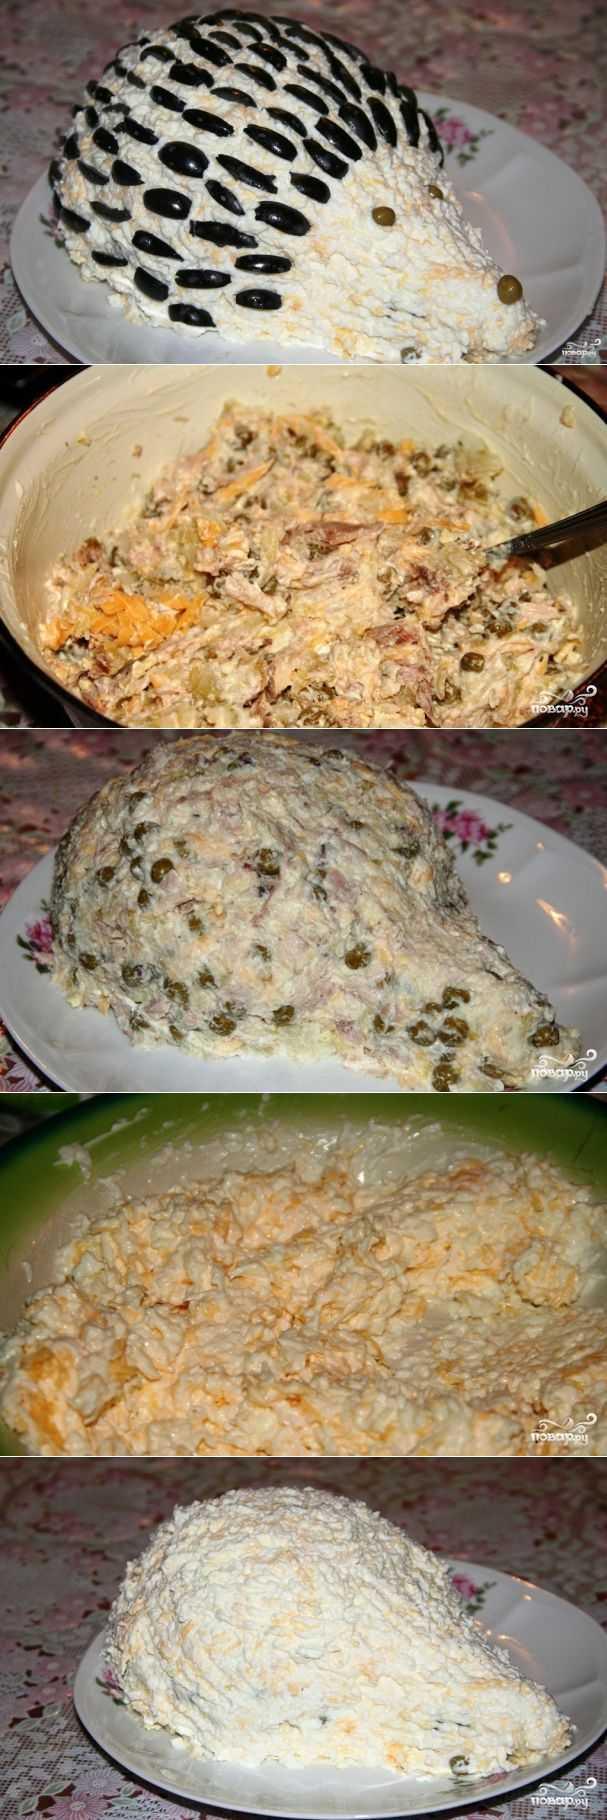 Салат из курицы с ананасами классический рецепт с фото пошагово и видео - 1000.menu